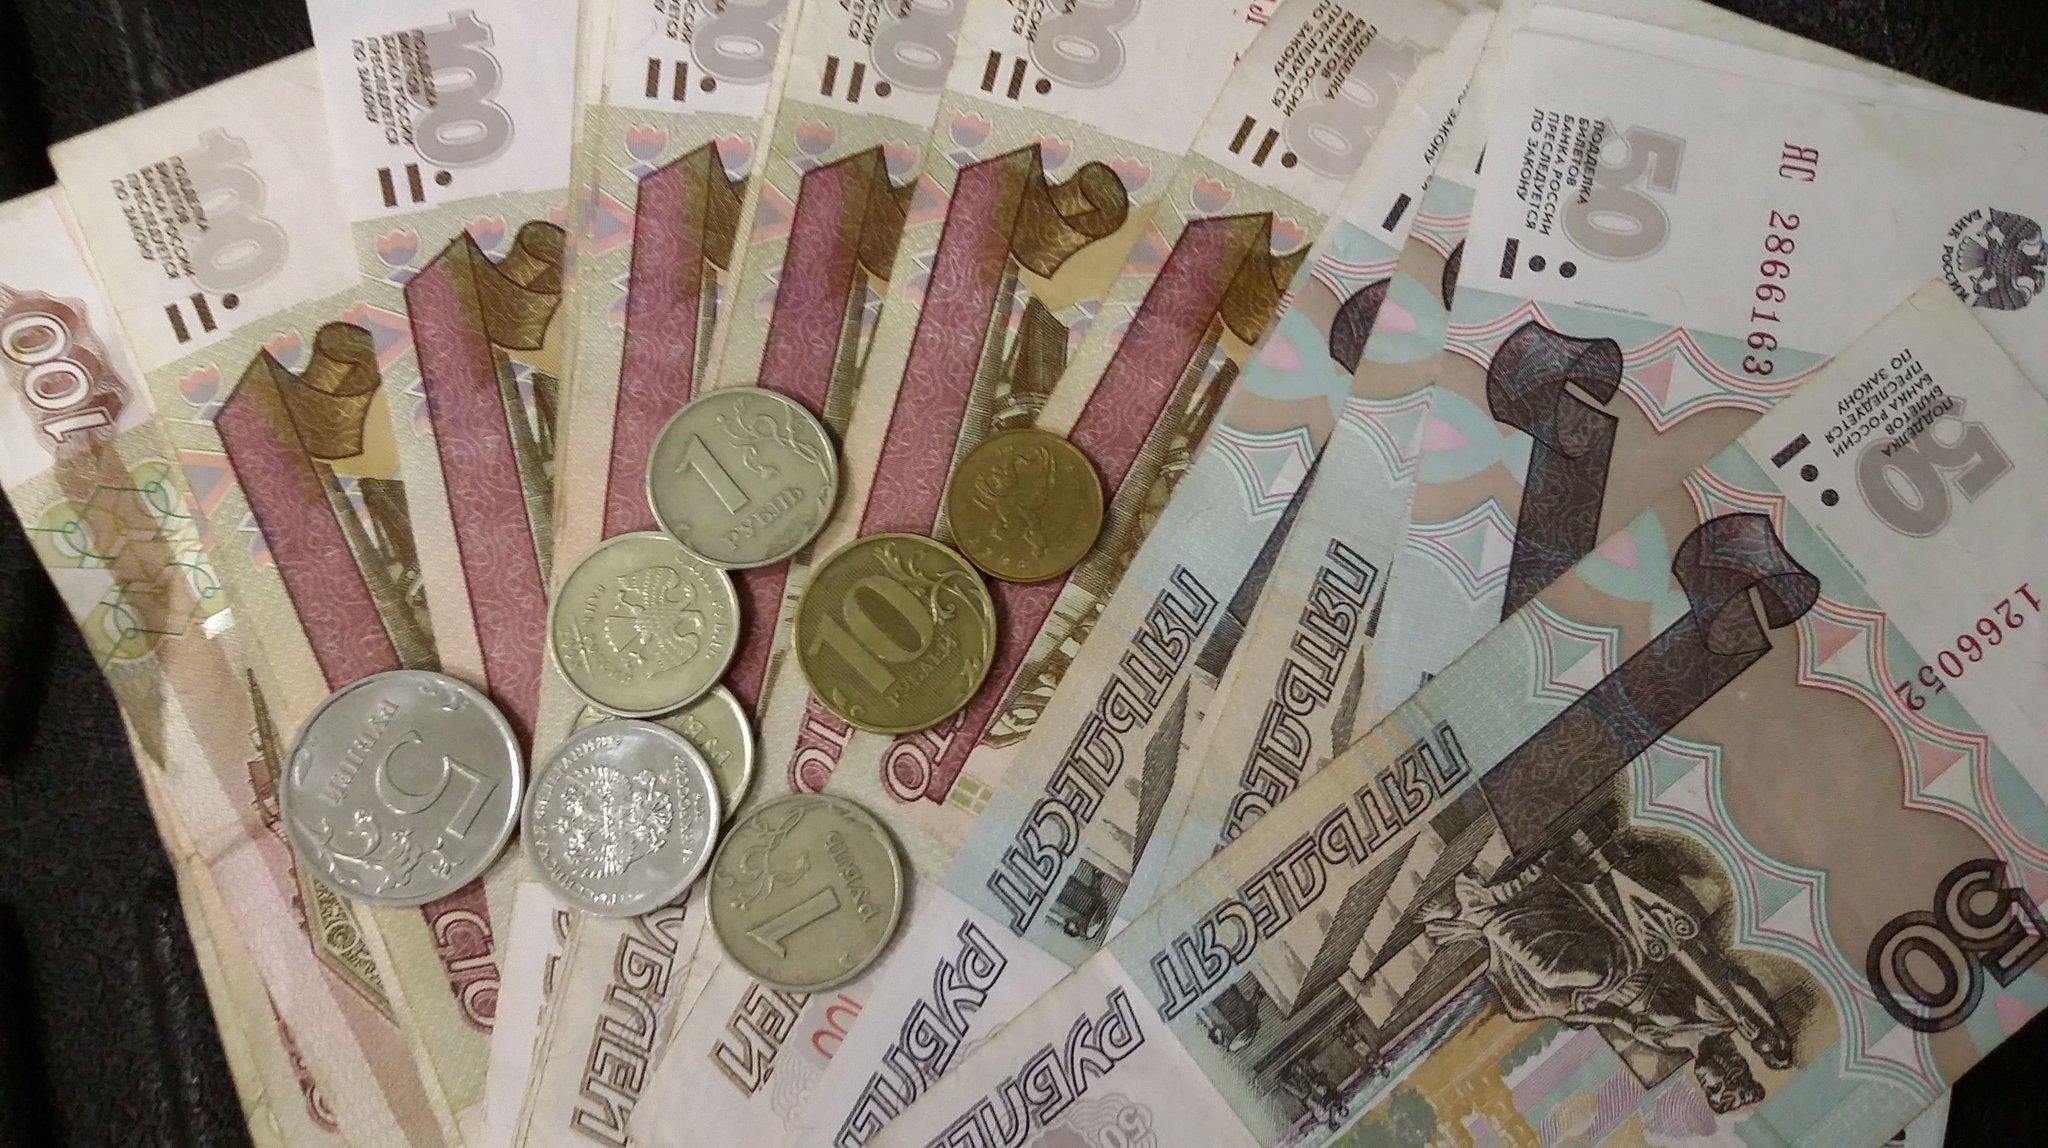 ЦБне желает признавать криптовалюты расчётным либо платёжным средством